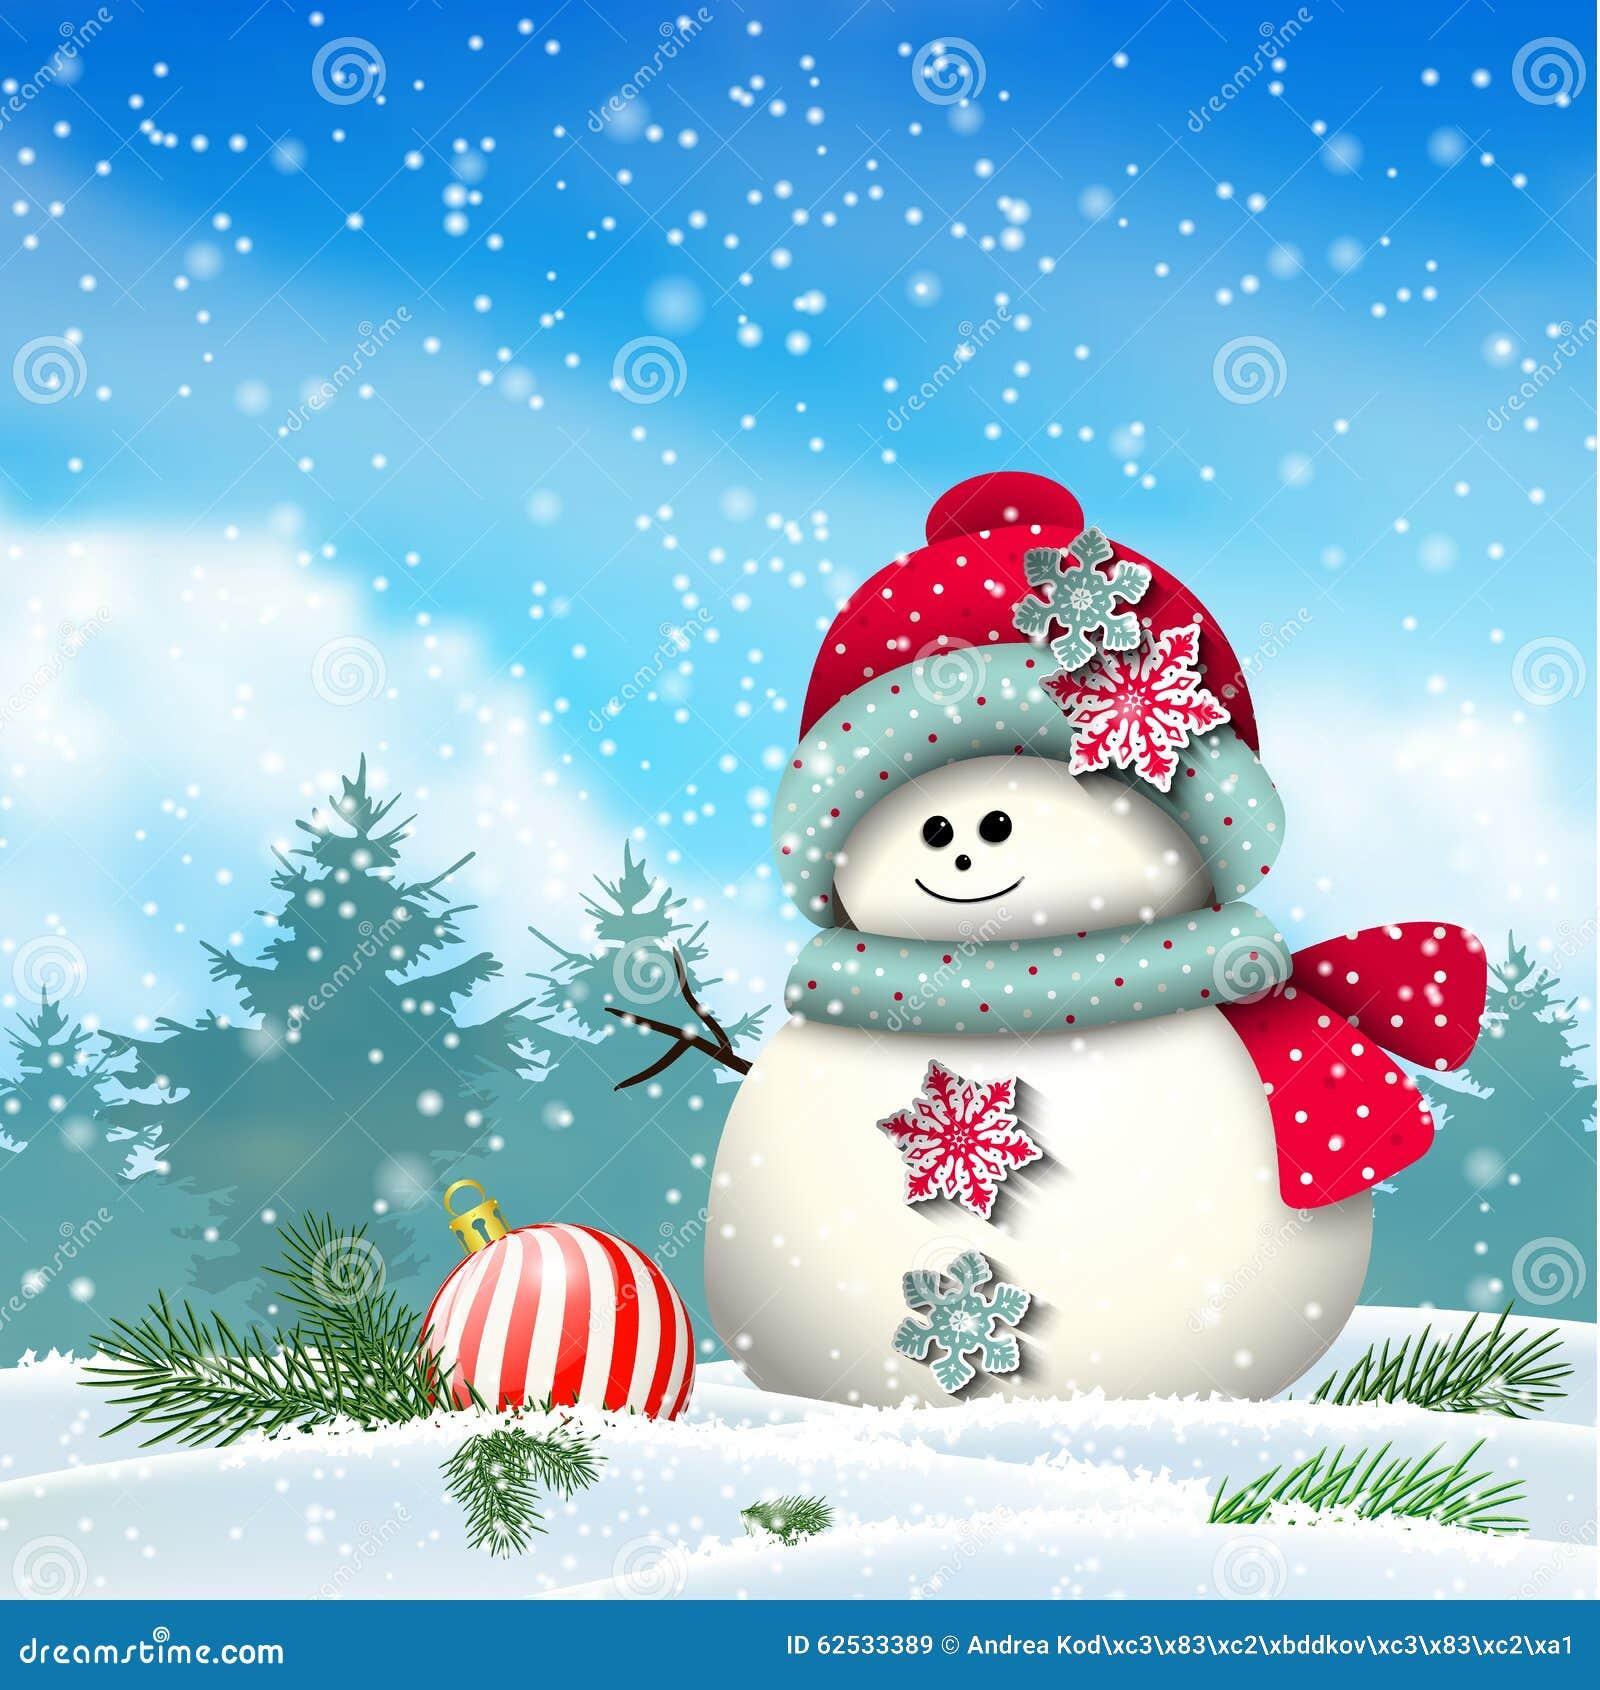 Cute Snowman In Snowy Winter Landscape Stock Vector